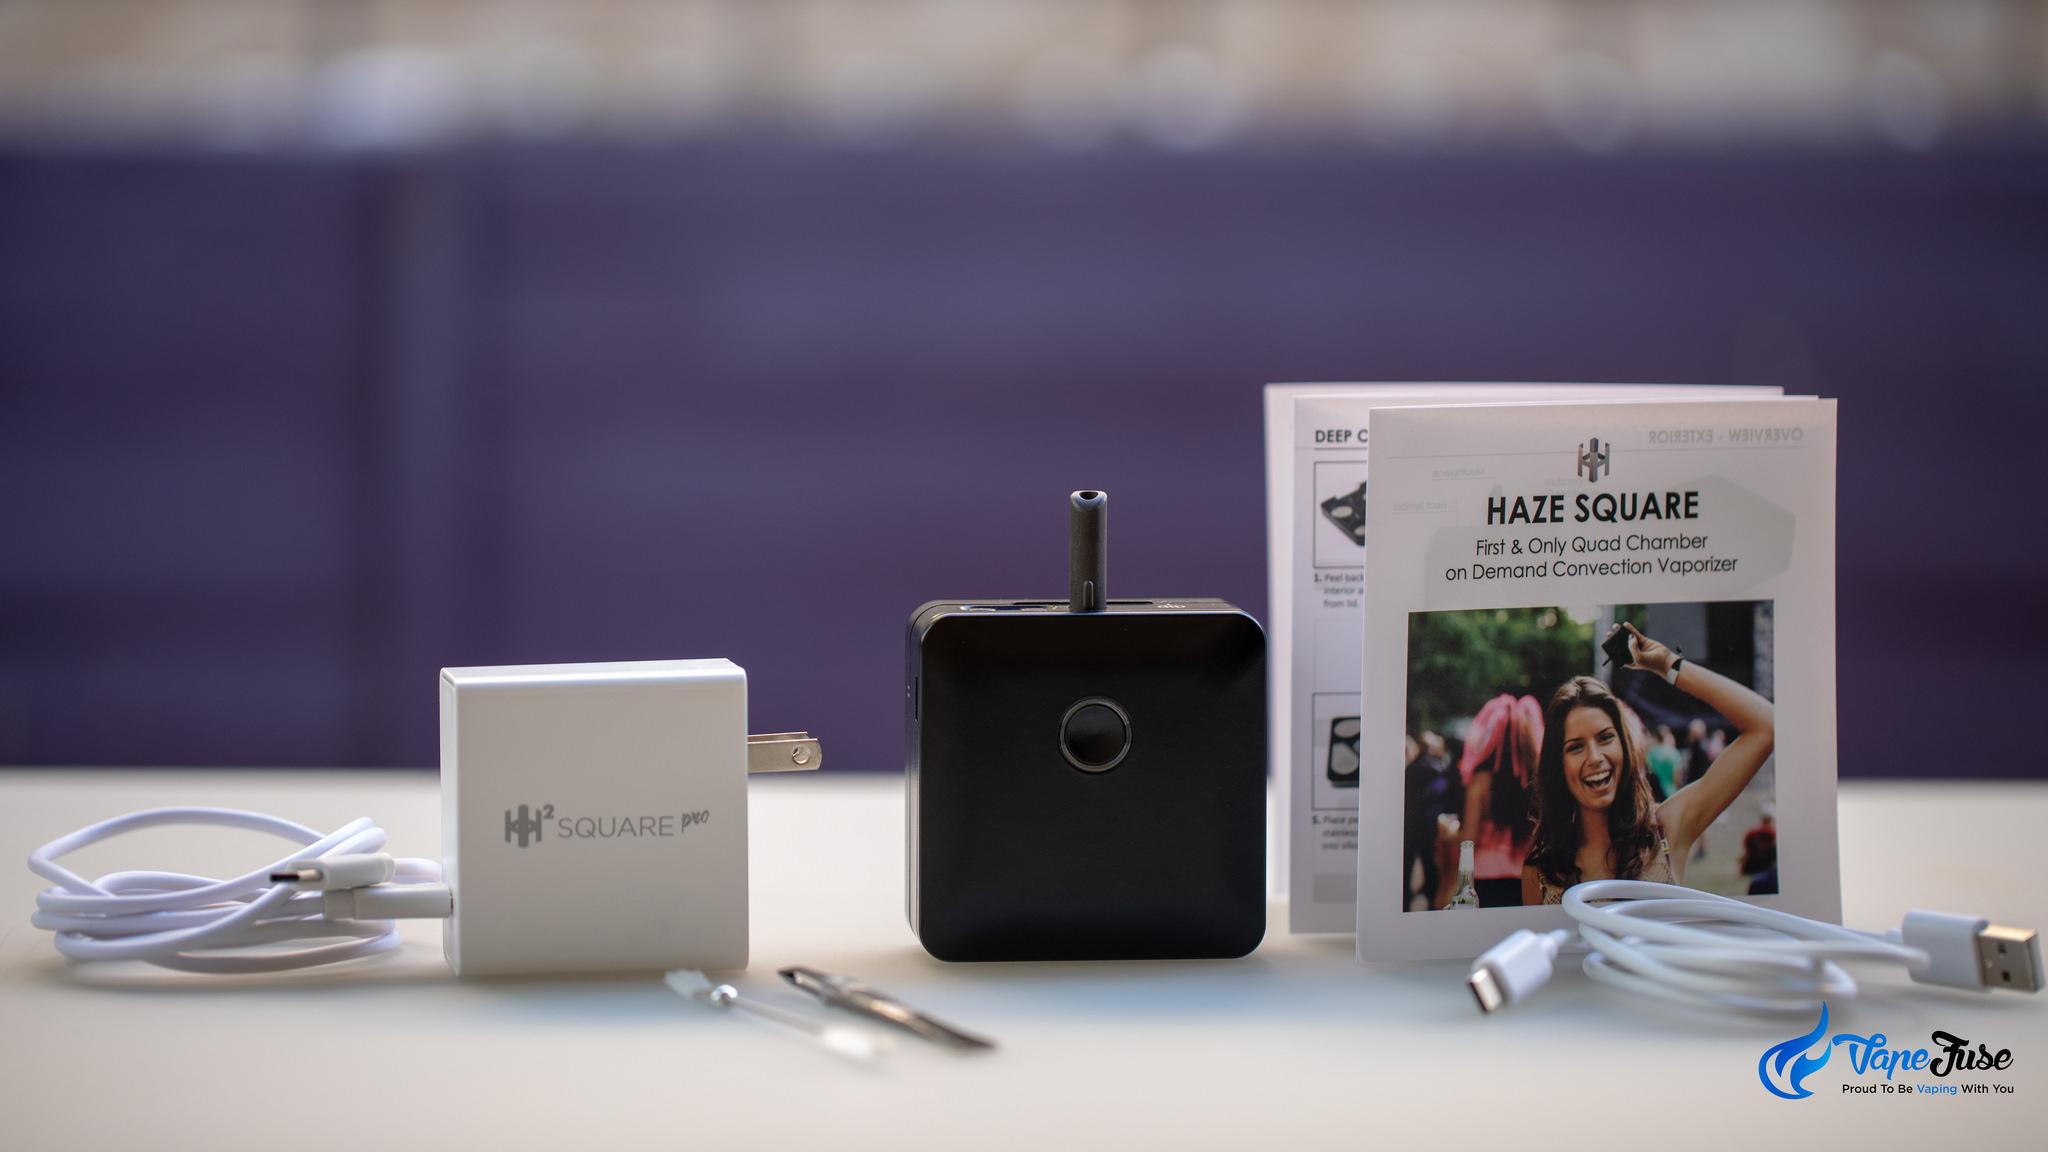 Haze Square Pro Kit